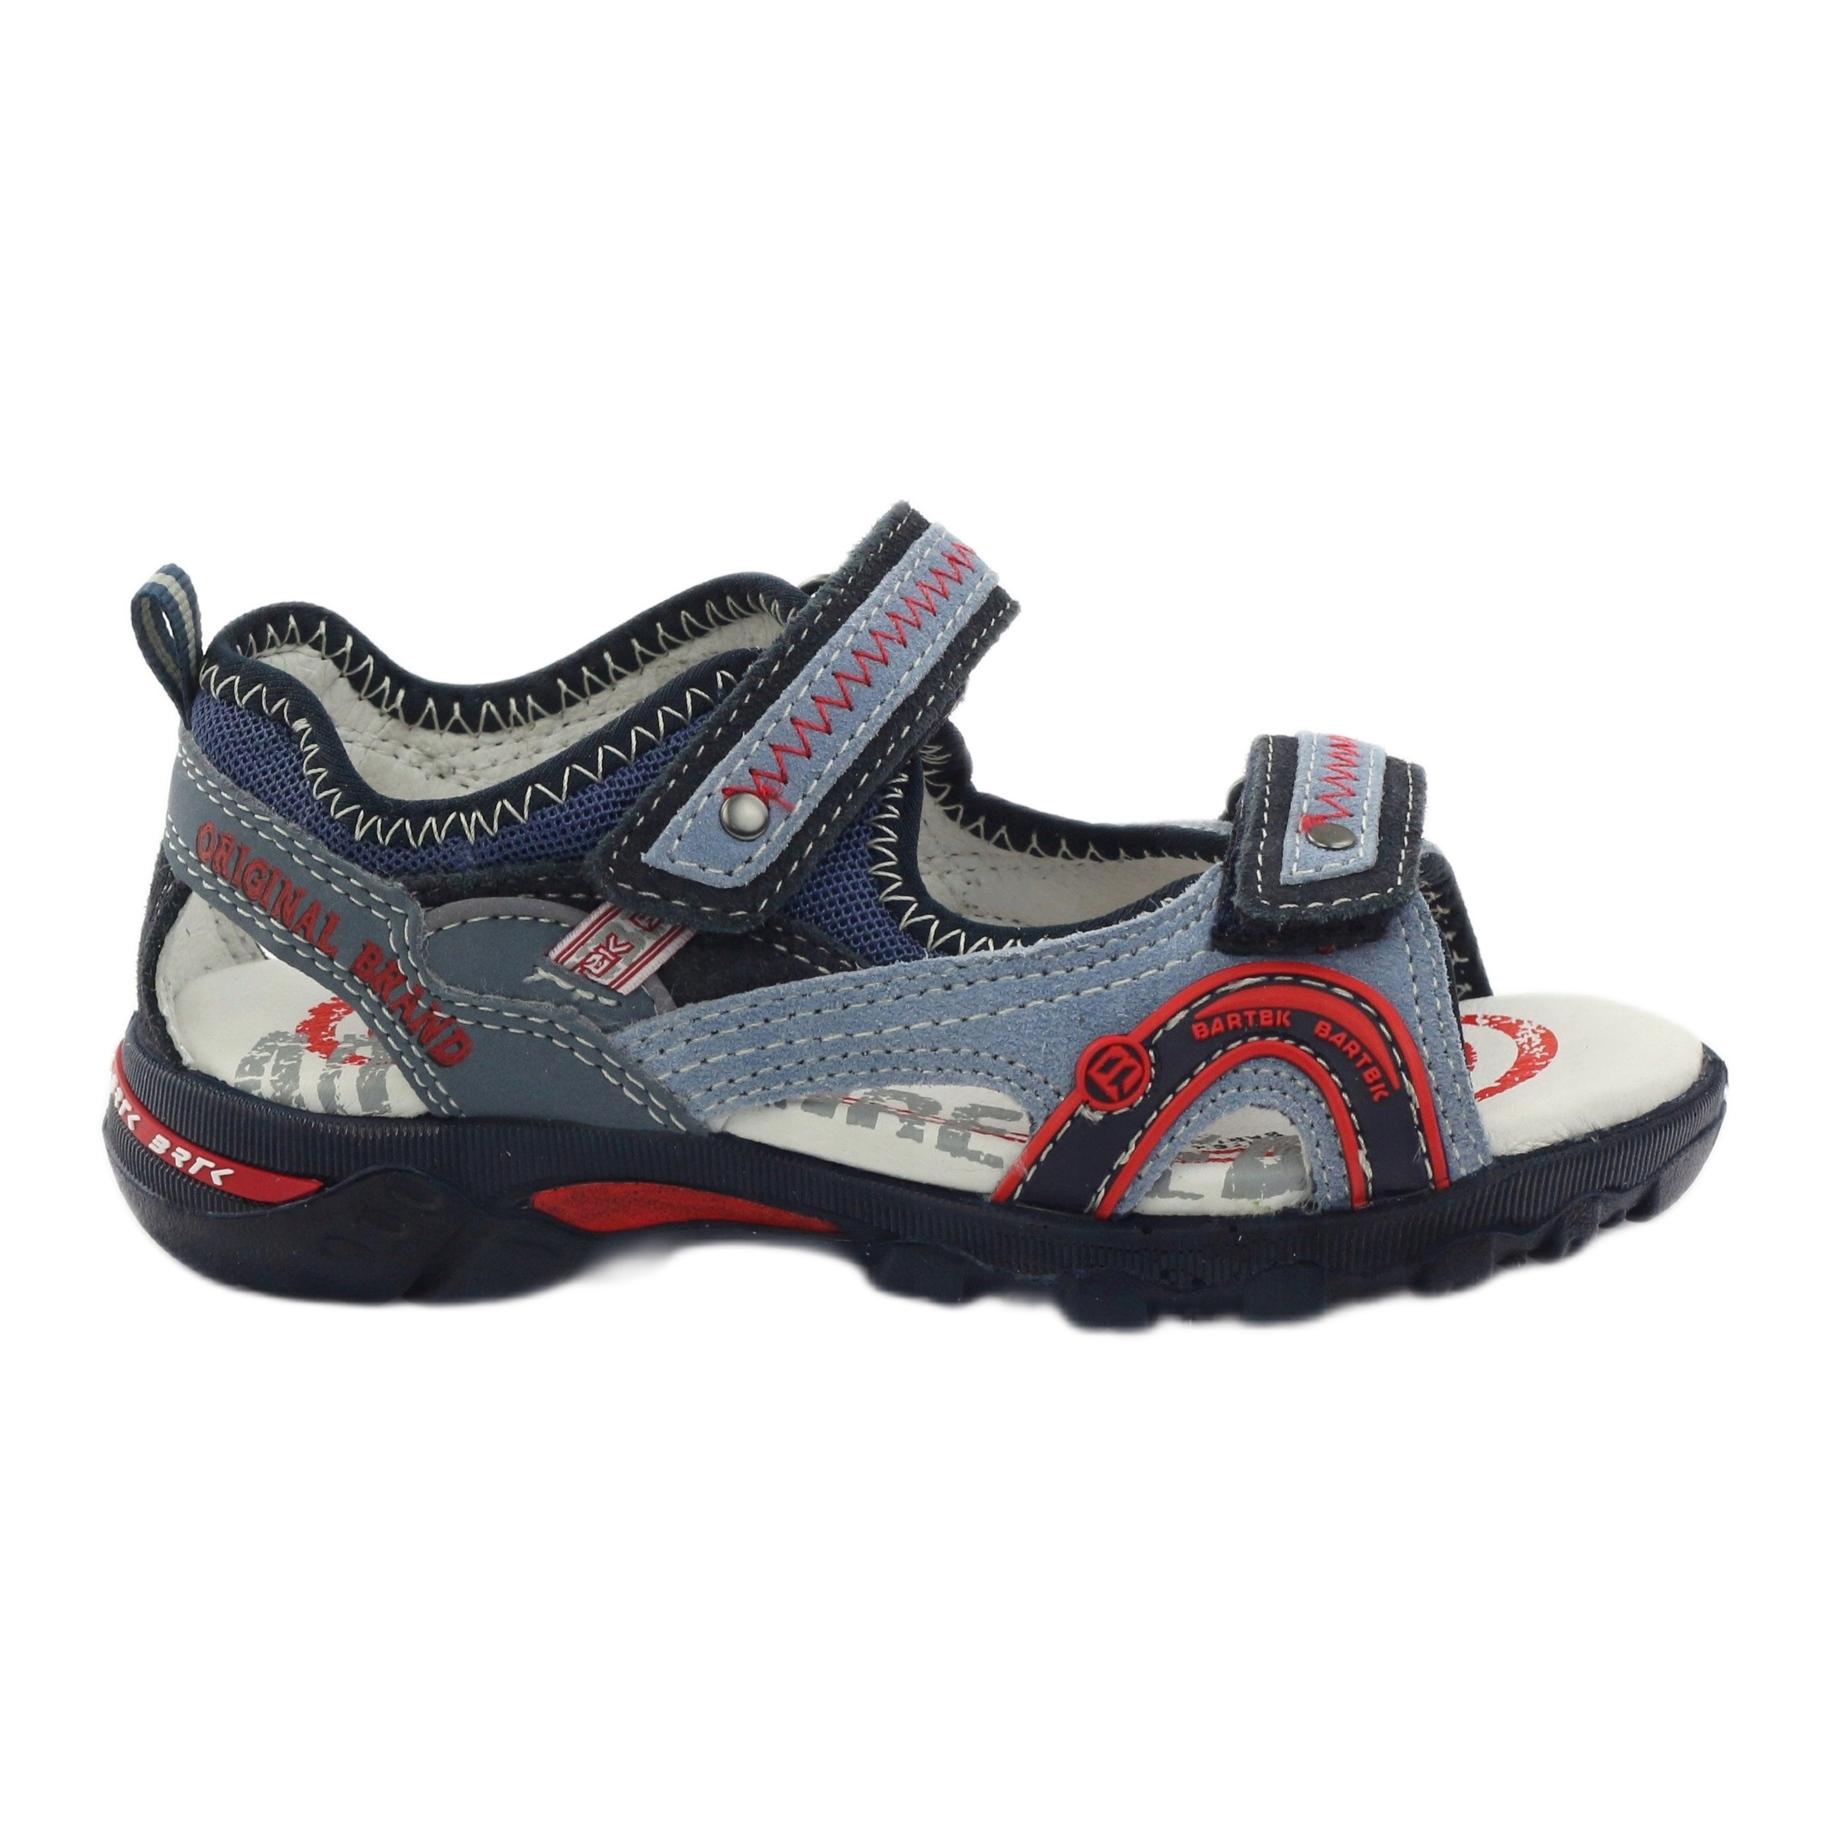 Sandali da ragazzo Bartek 19113 blu rosso multicolore